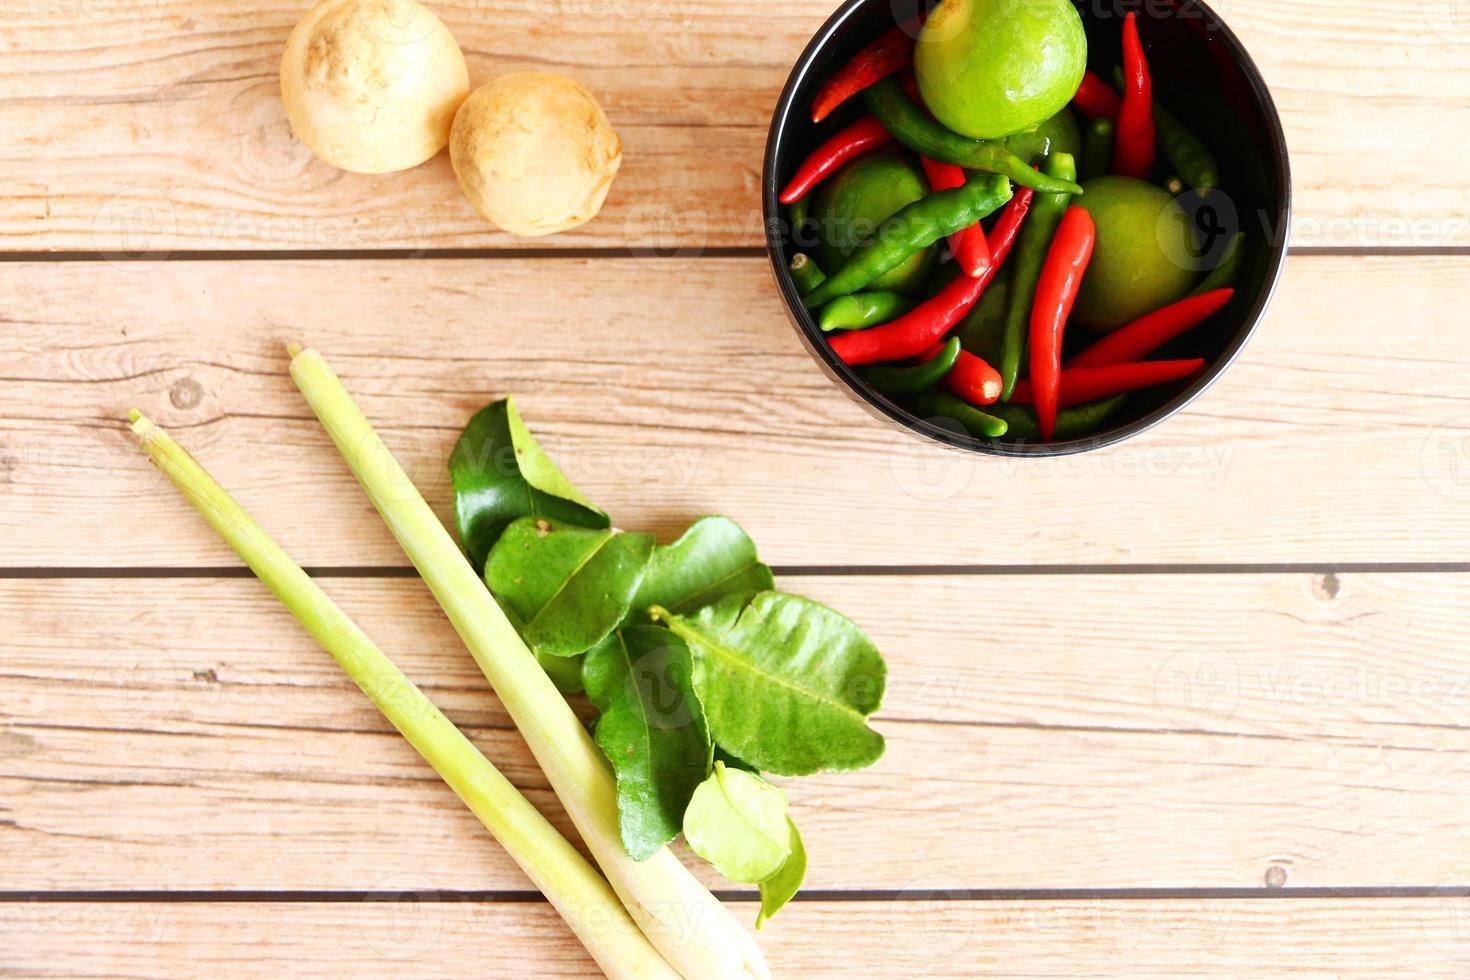 thailändska tom yam soppa örter och kryddor foto